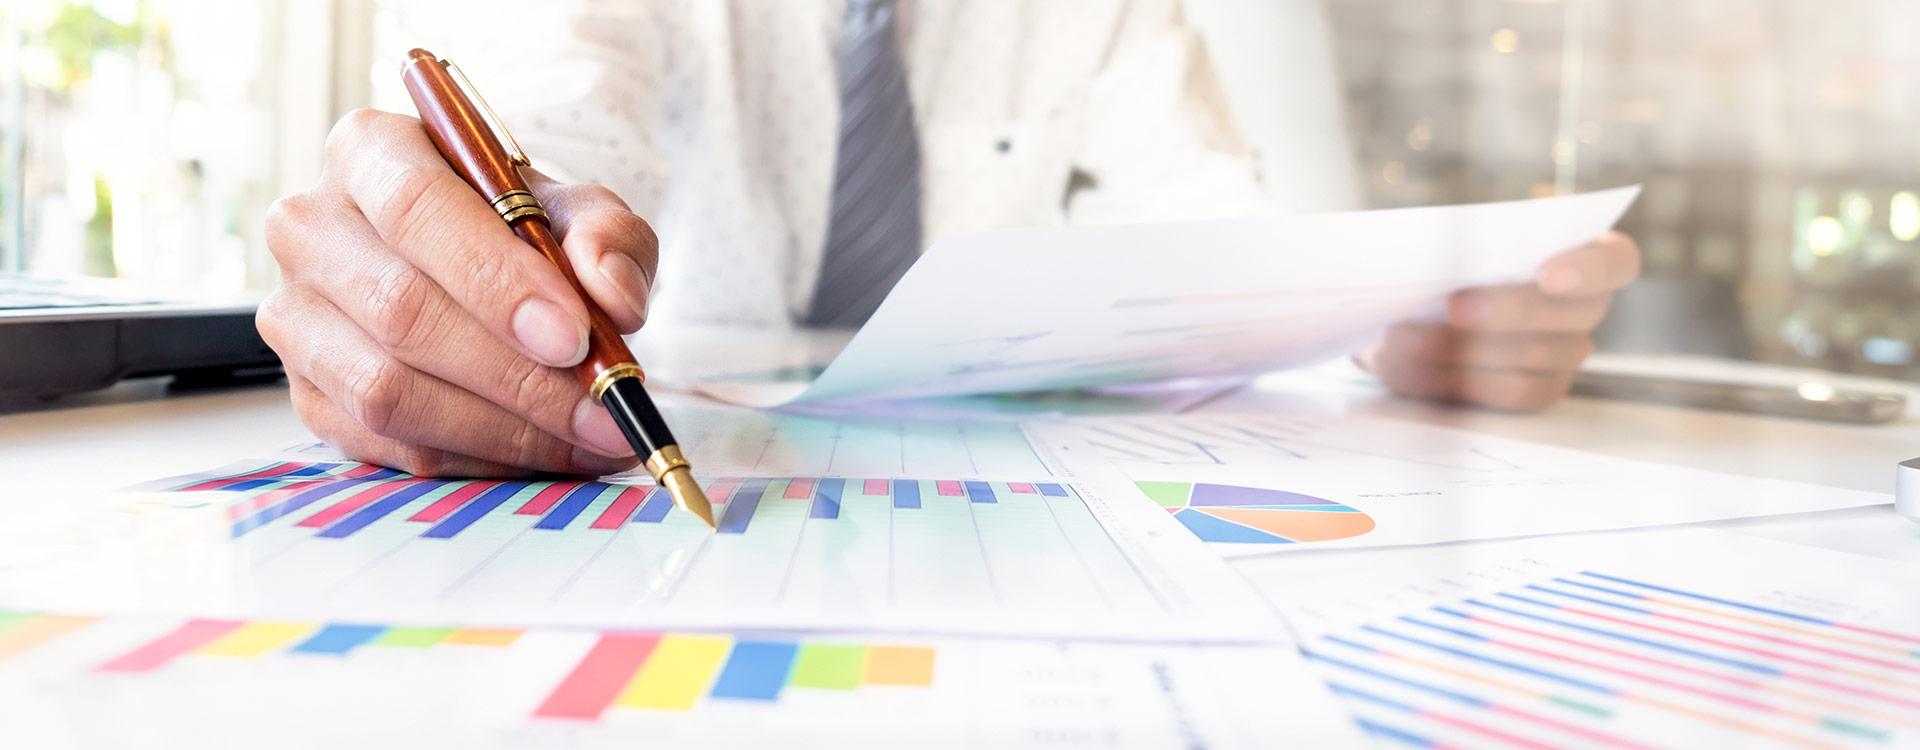 El Registro de Impagos Judiciales reporta 9'8 millones de euros de deuda desde junio de 2019